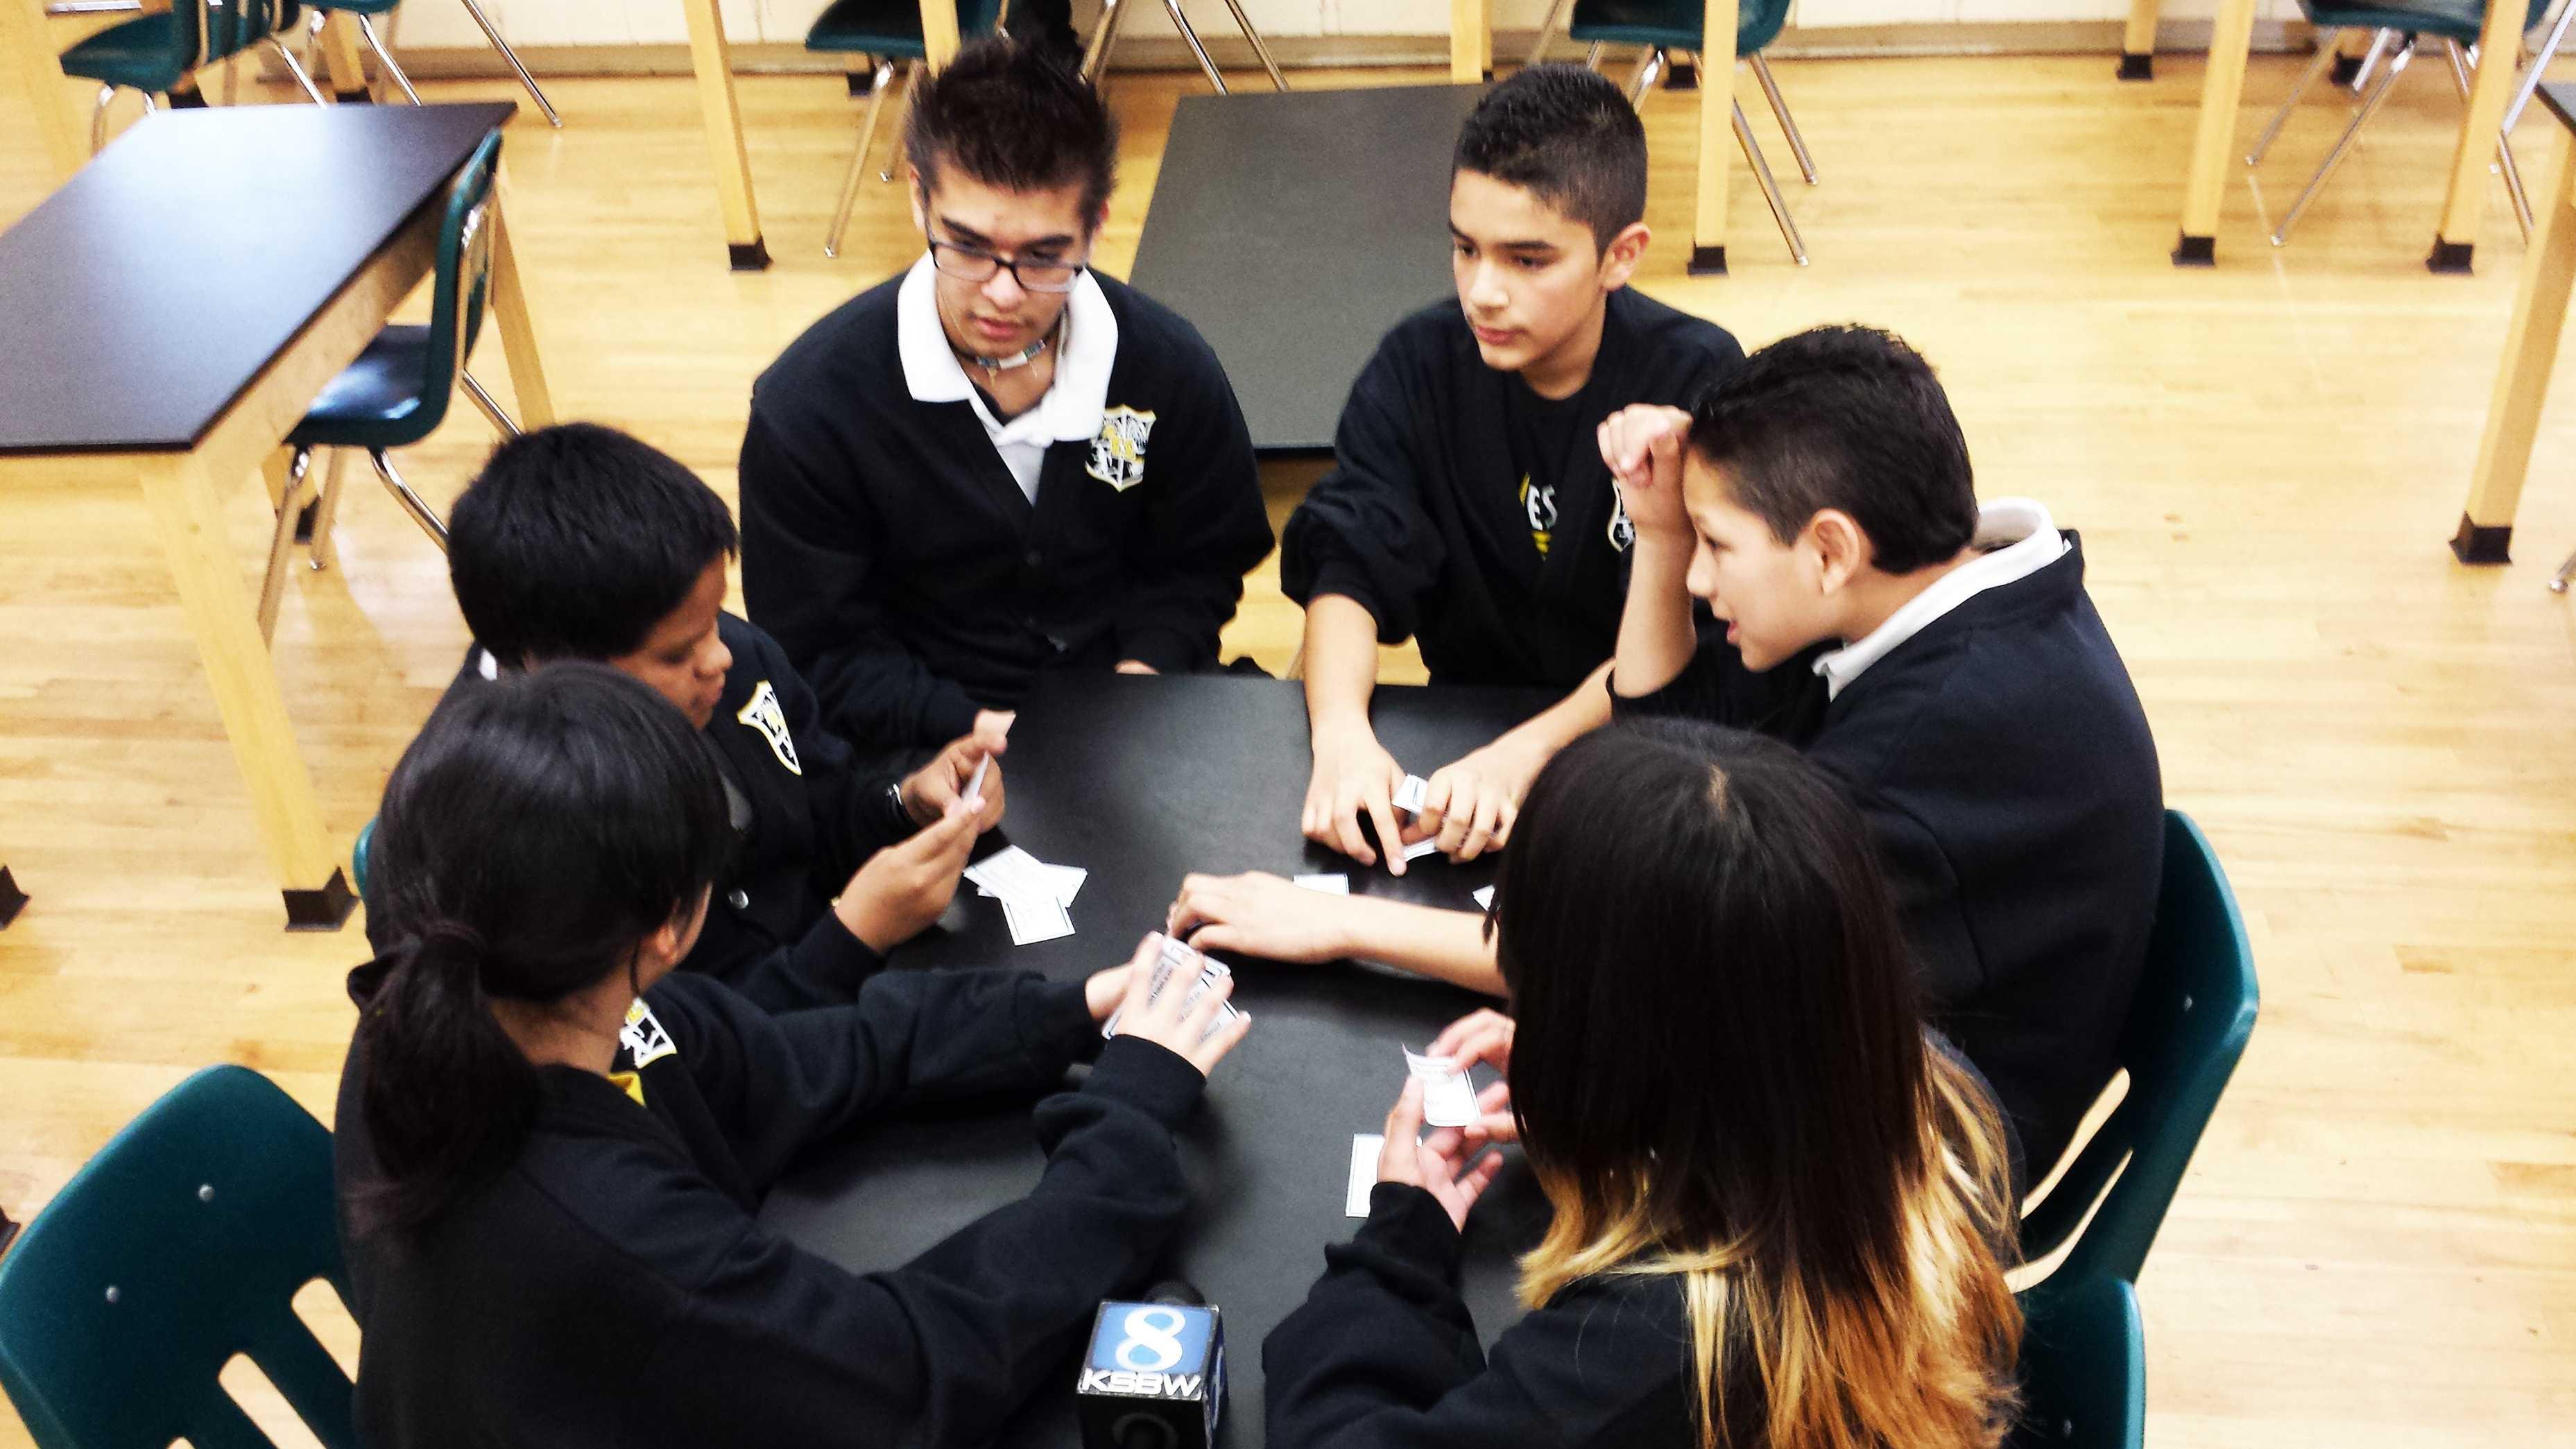 smart kids milddle school.jpg